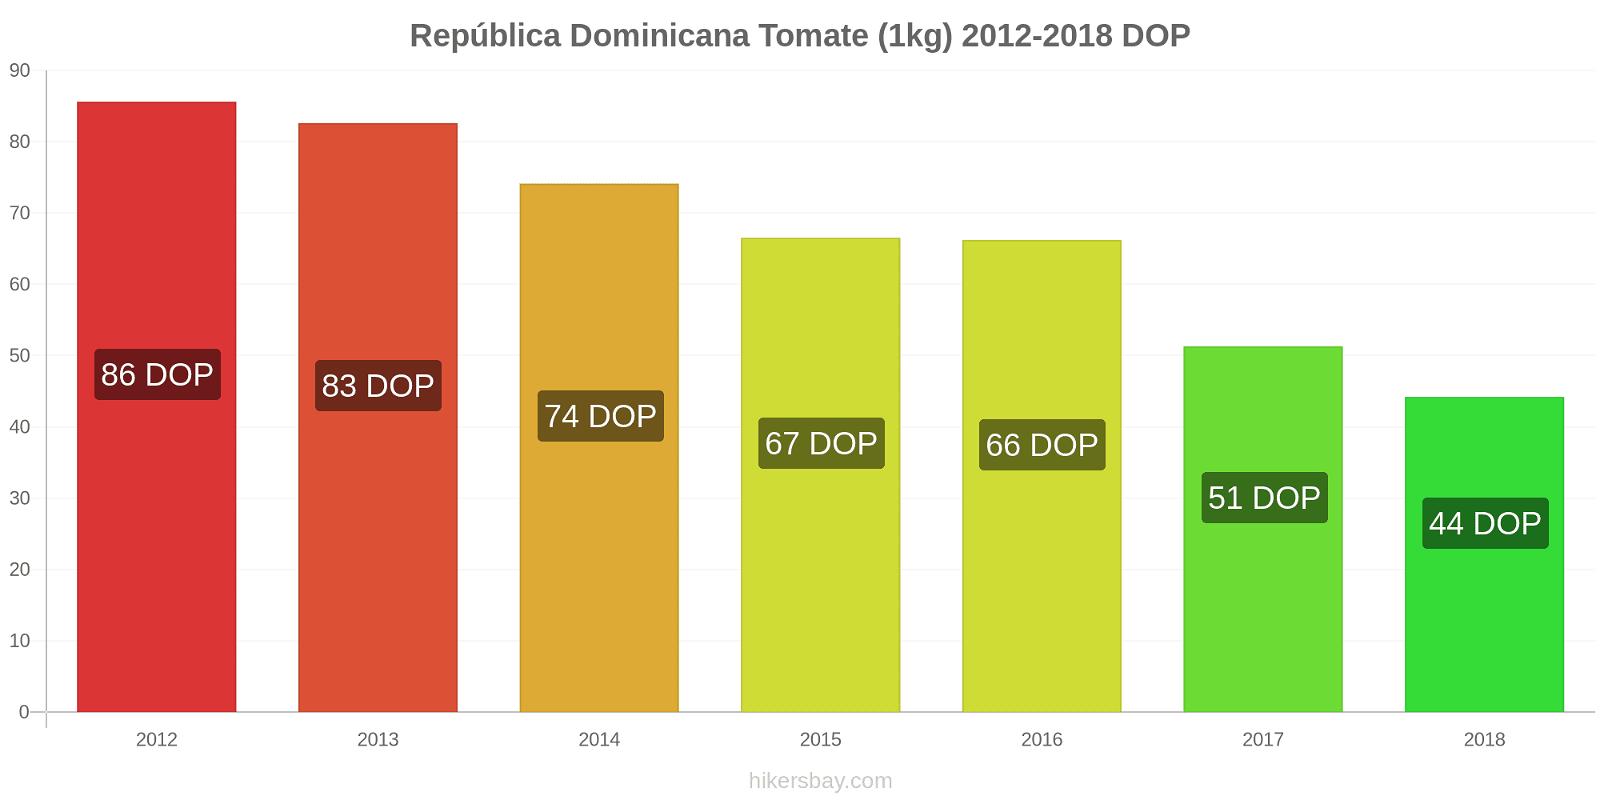 República Dominicana cambios de precios Tomate (1kg) hikersbay.com